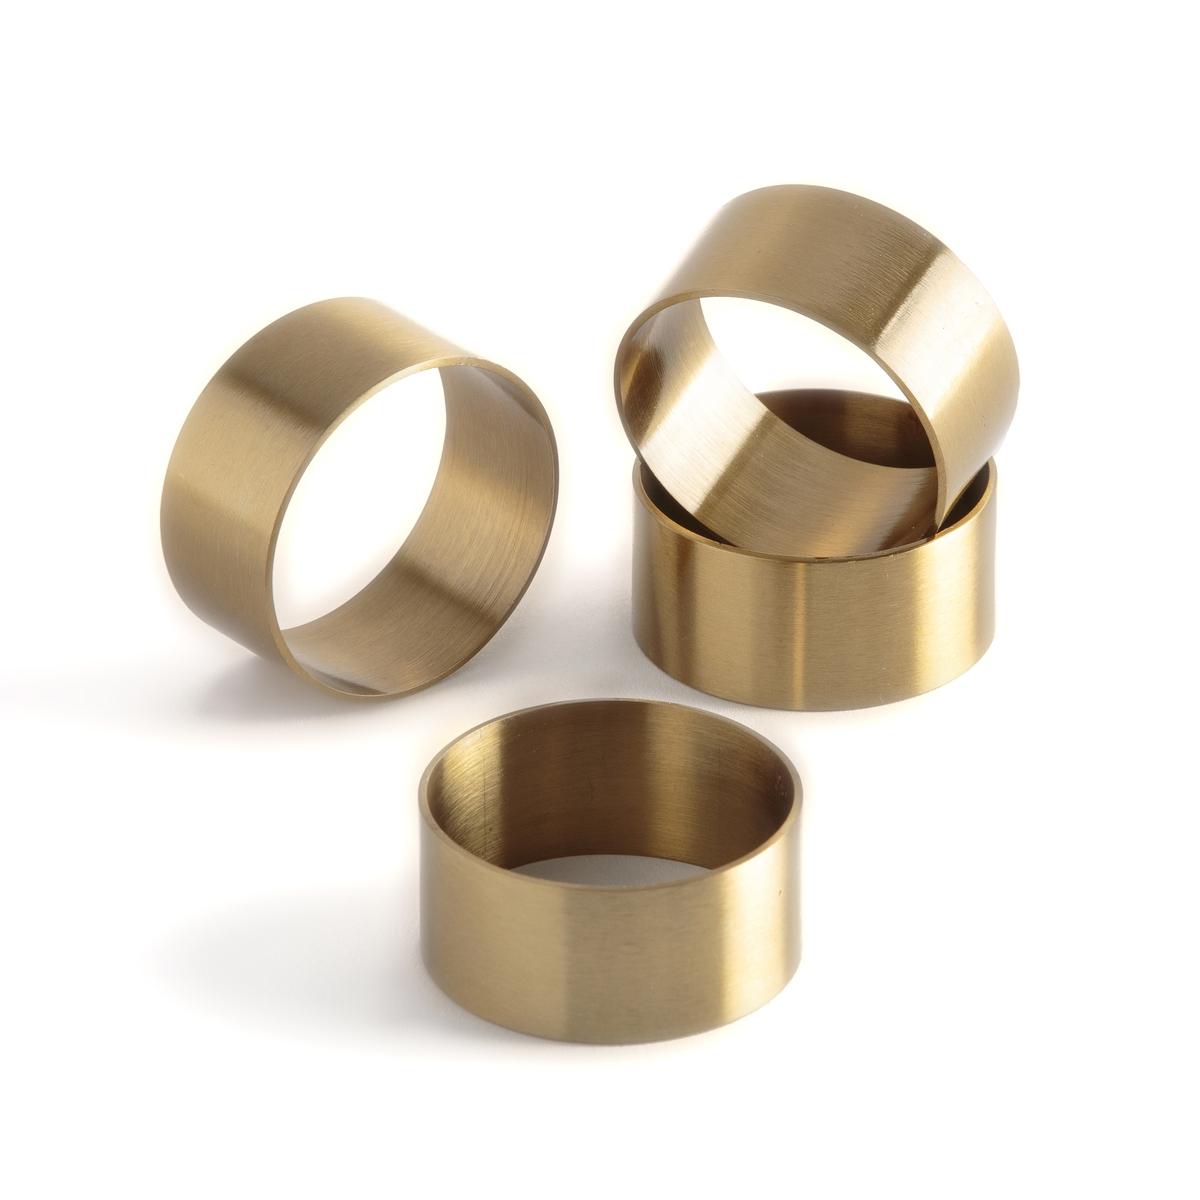 Комплект из 4 колец золотого LaRedoute Цвета для салфеток DAJAN единый размер золотистый комплект из 2 вешалок slofia laredoute из березы единый размер черный